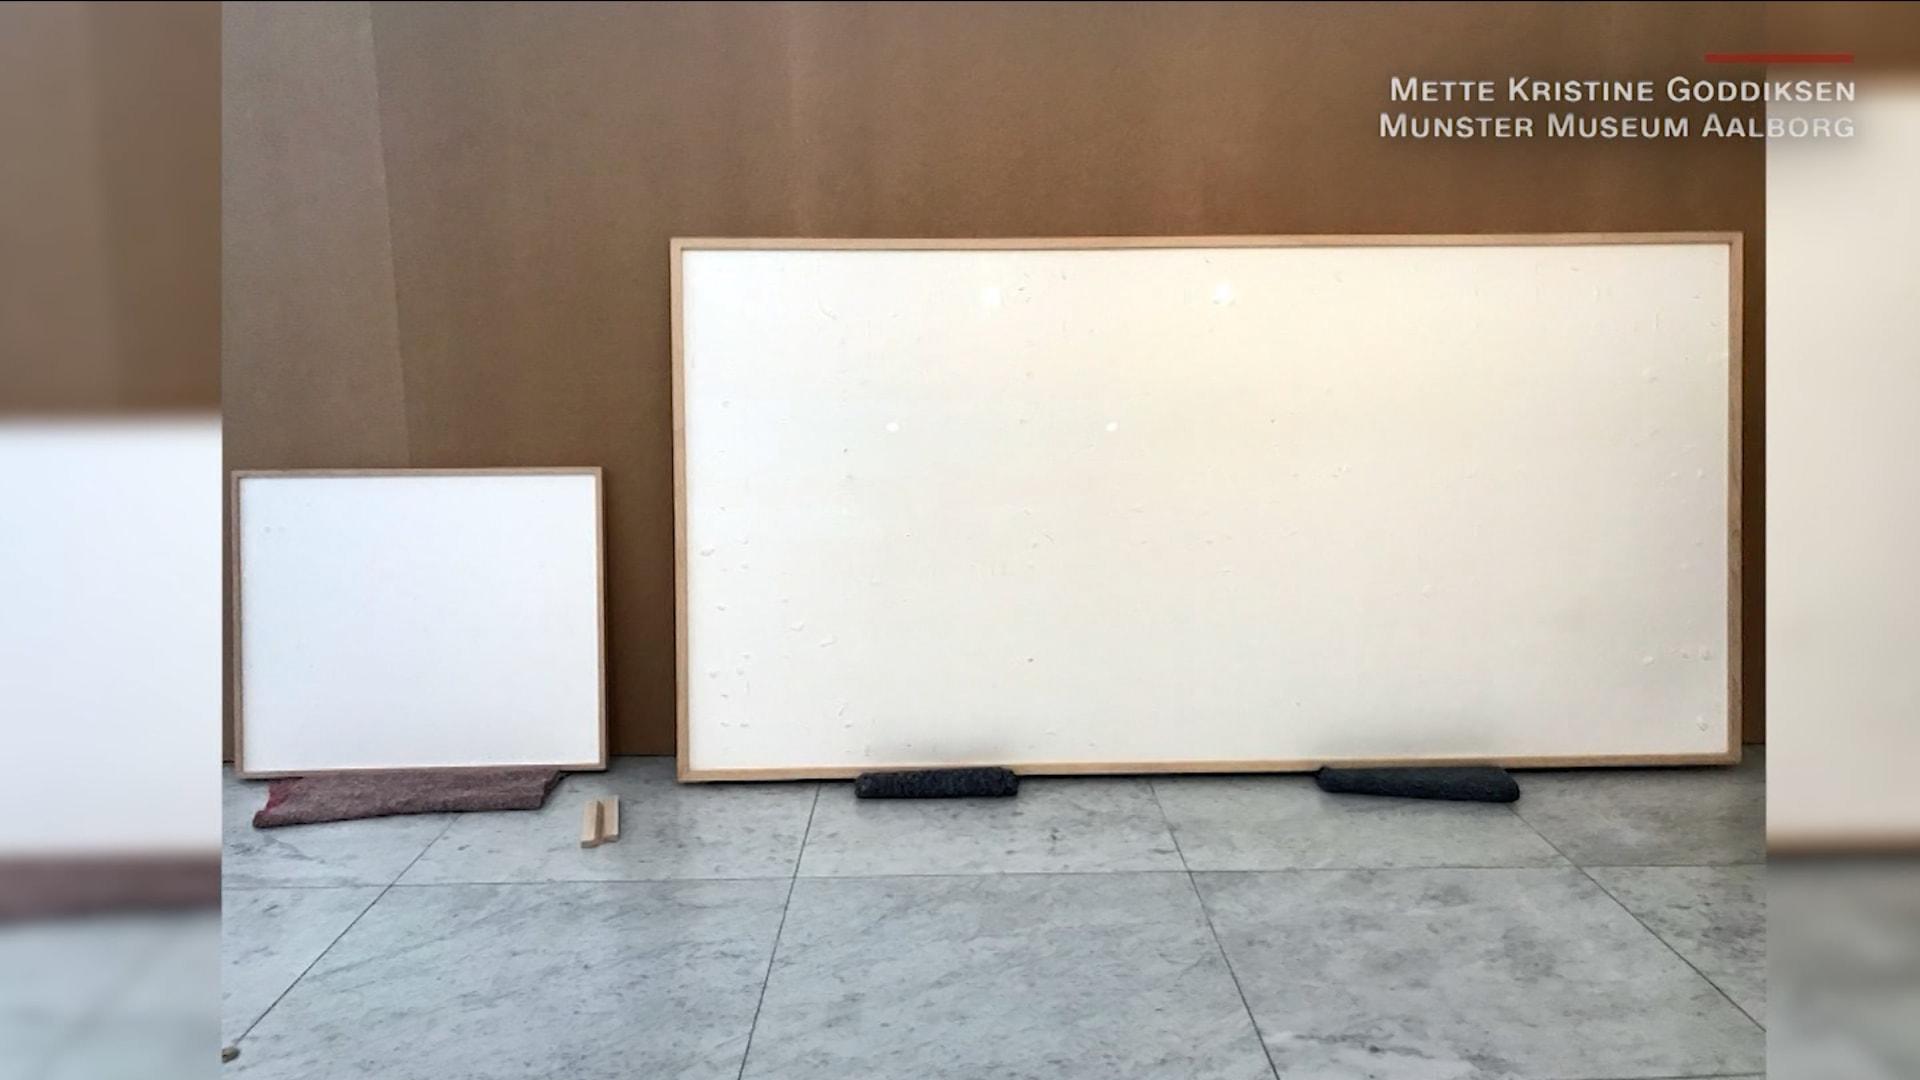 """""""خذ المال واركض"""" فنان يأخذ آلاف الدولارات من متحف بعد تكرار عمل سابق"""